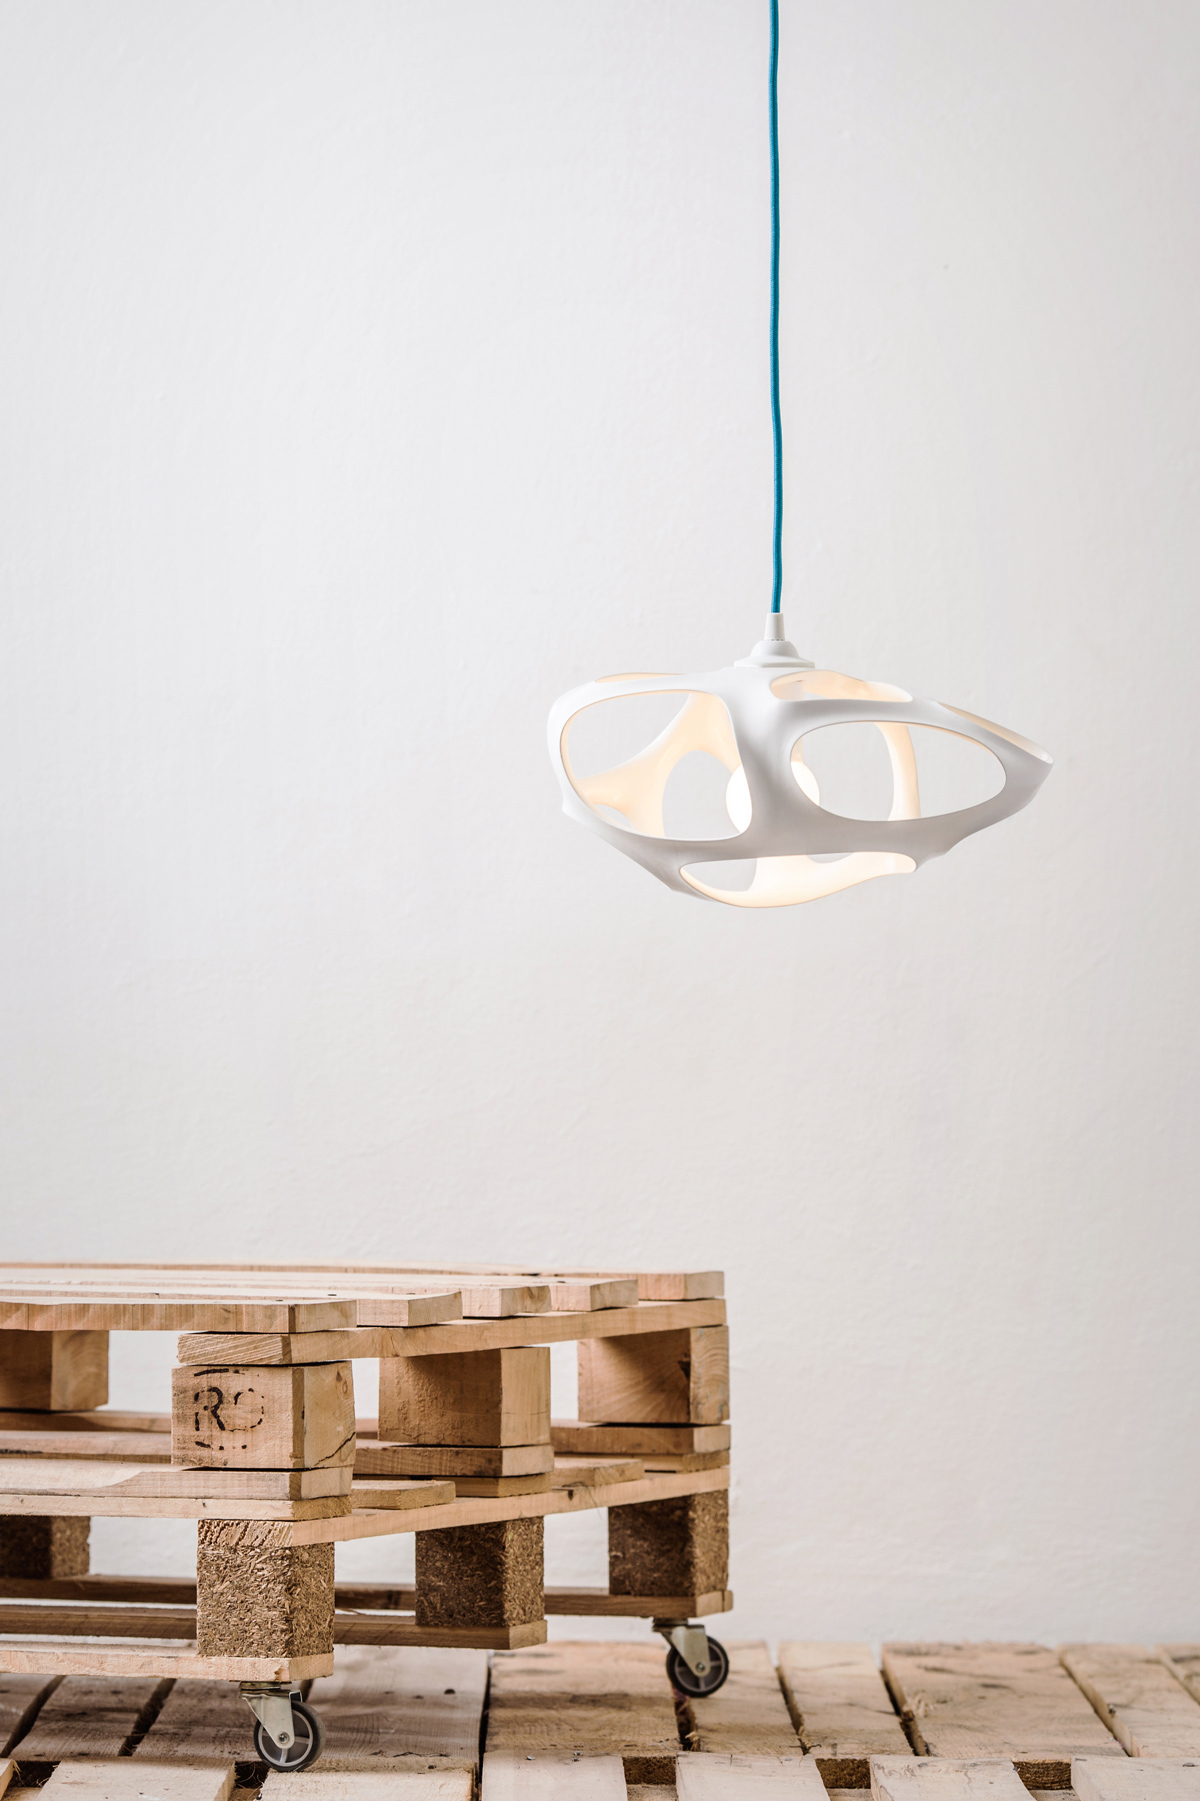 Vivia 3D Printed Lamp by Matus Danko